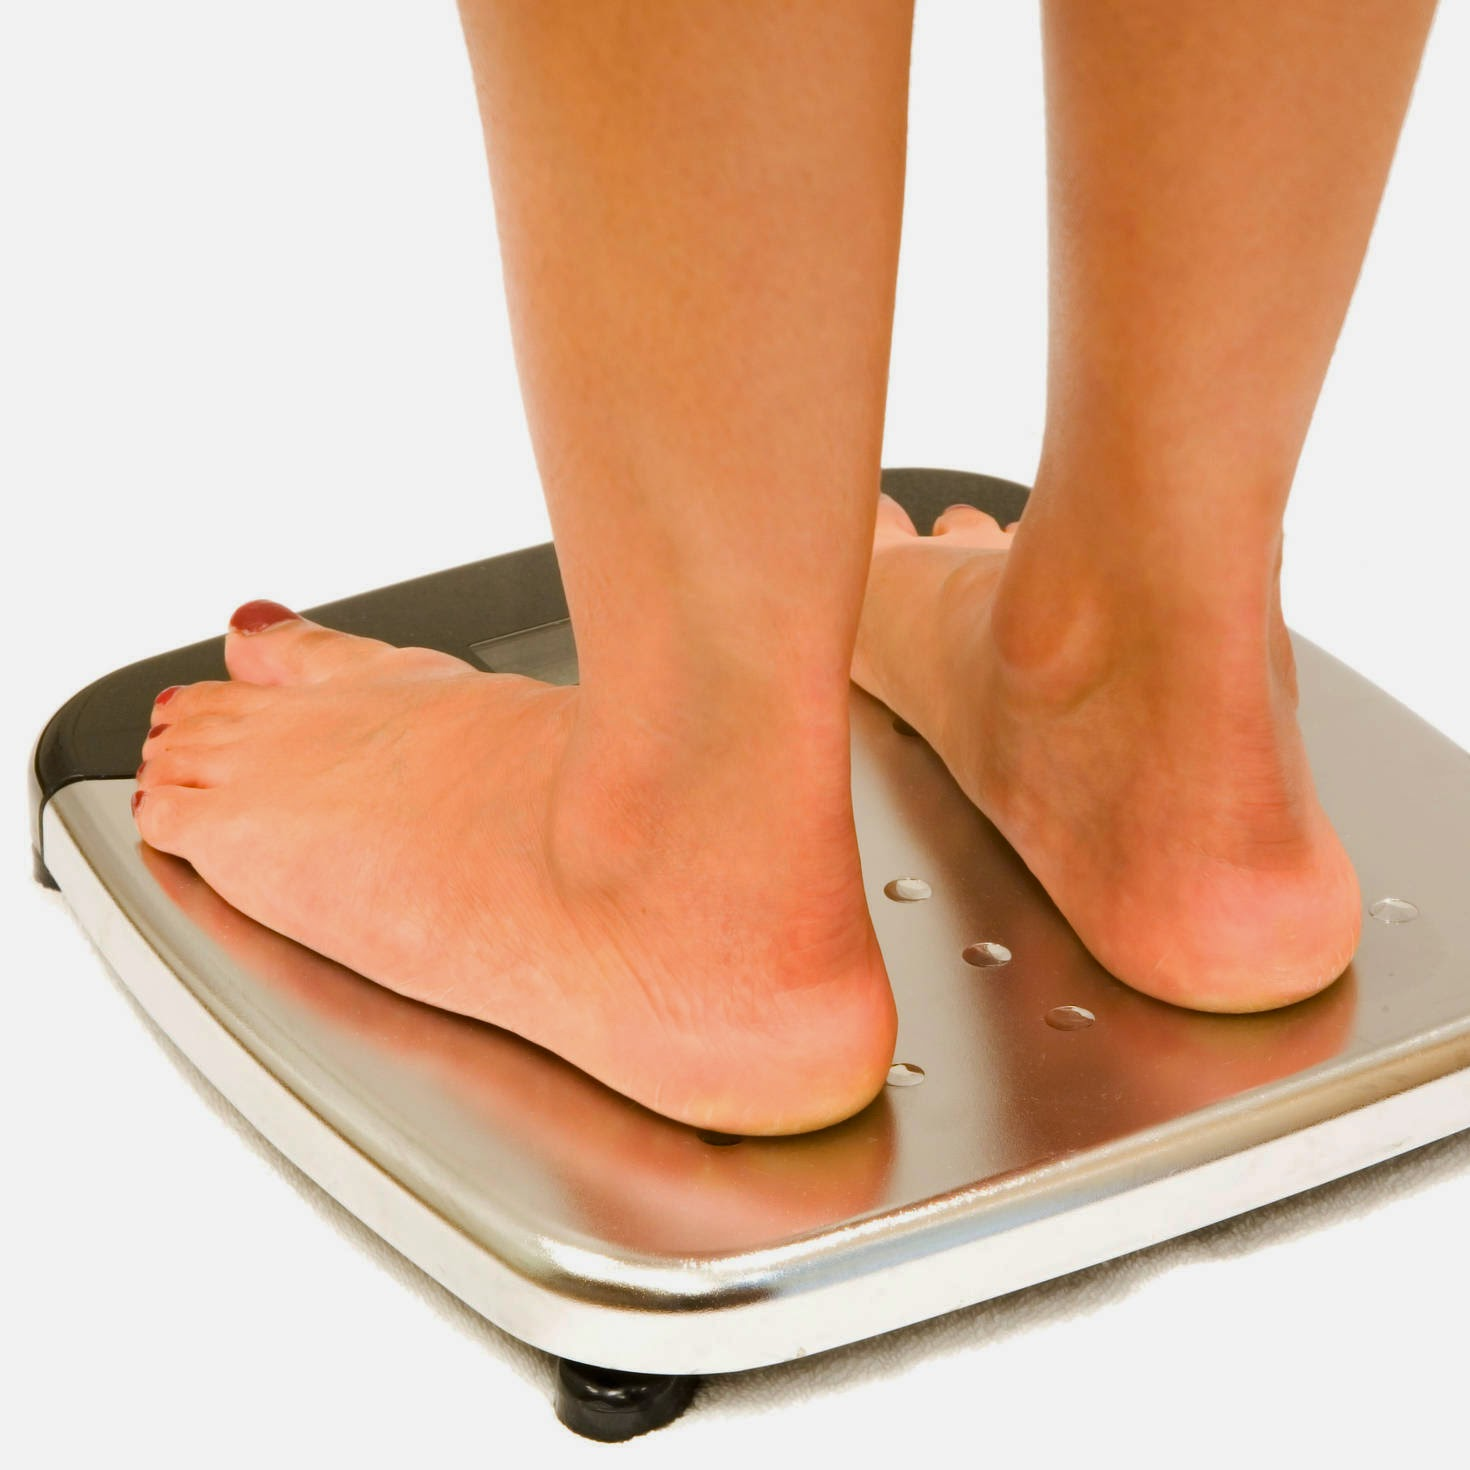 Cuidado con el sobrepeso